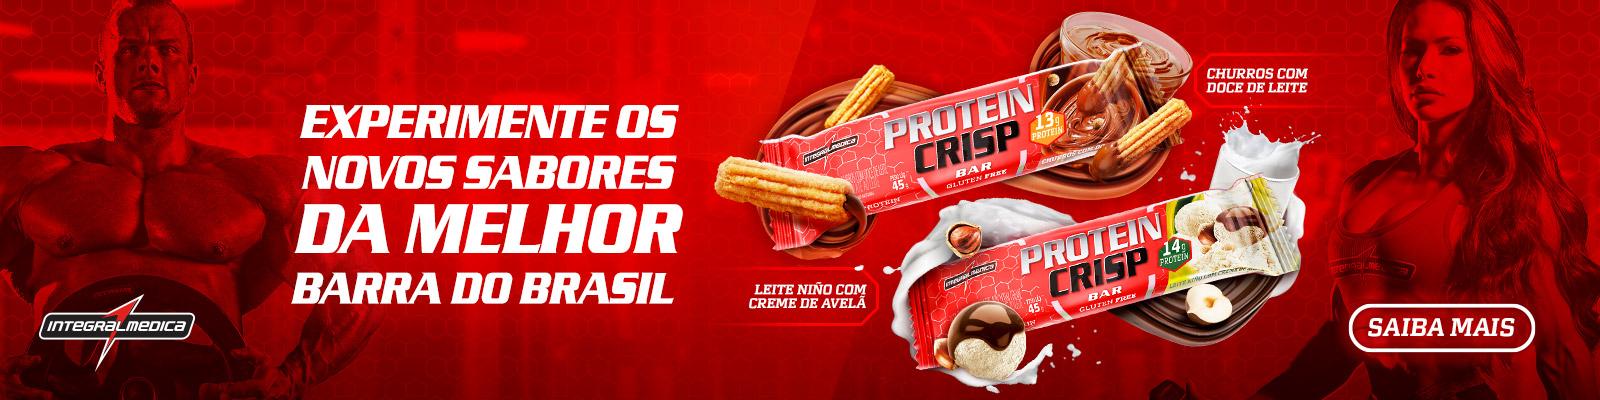 protein crisp lançamentos